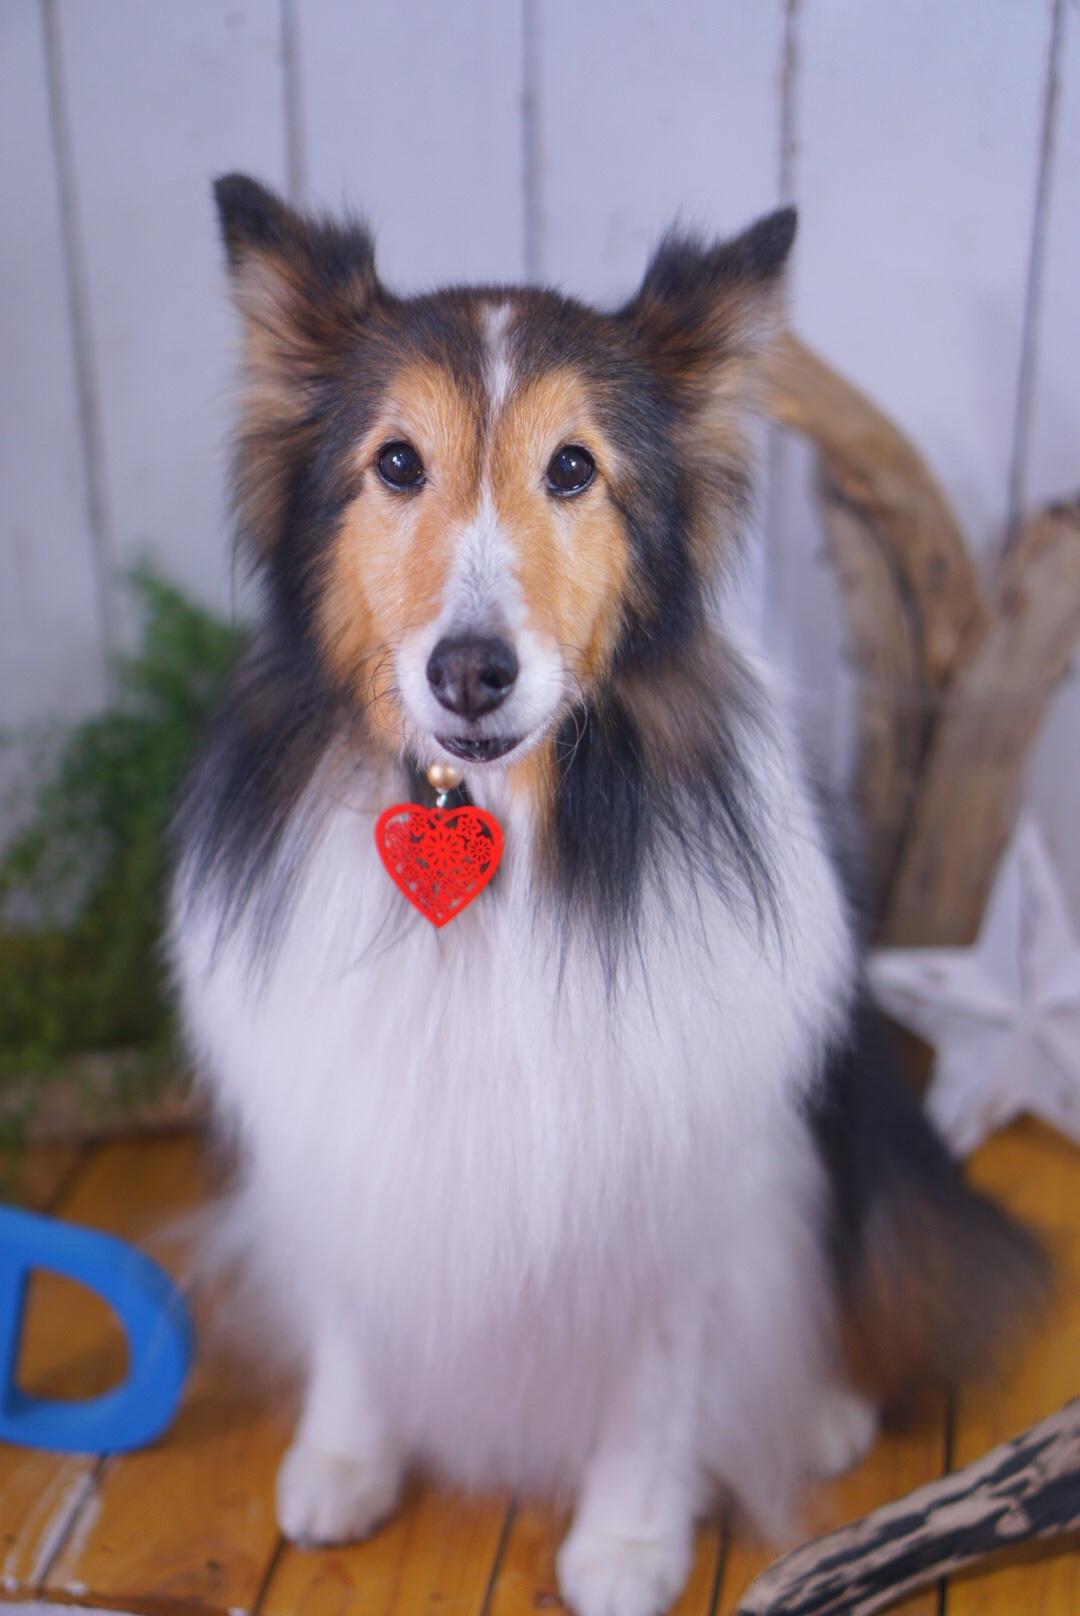 シェルティのトリミング☆大田区「久が原 雪が谷大塚 石川台 」ペットトリミングサロンDEAR DOGS